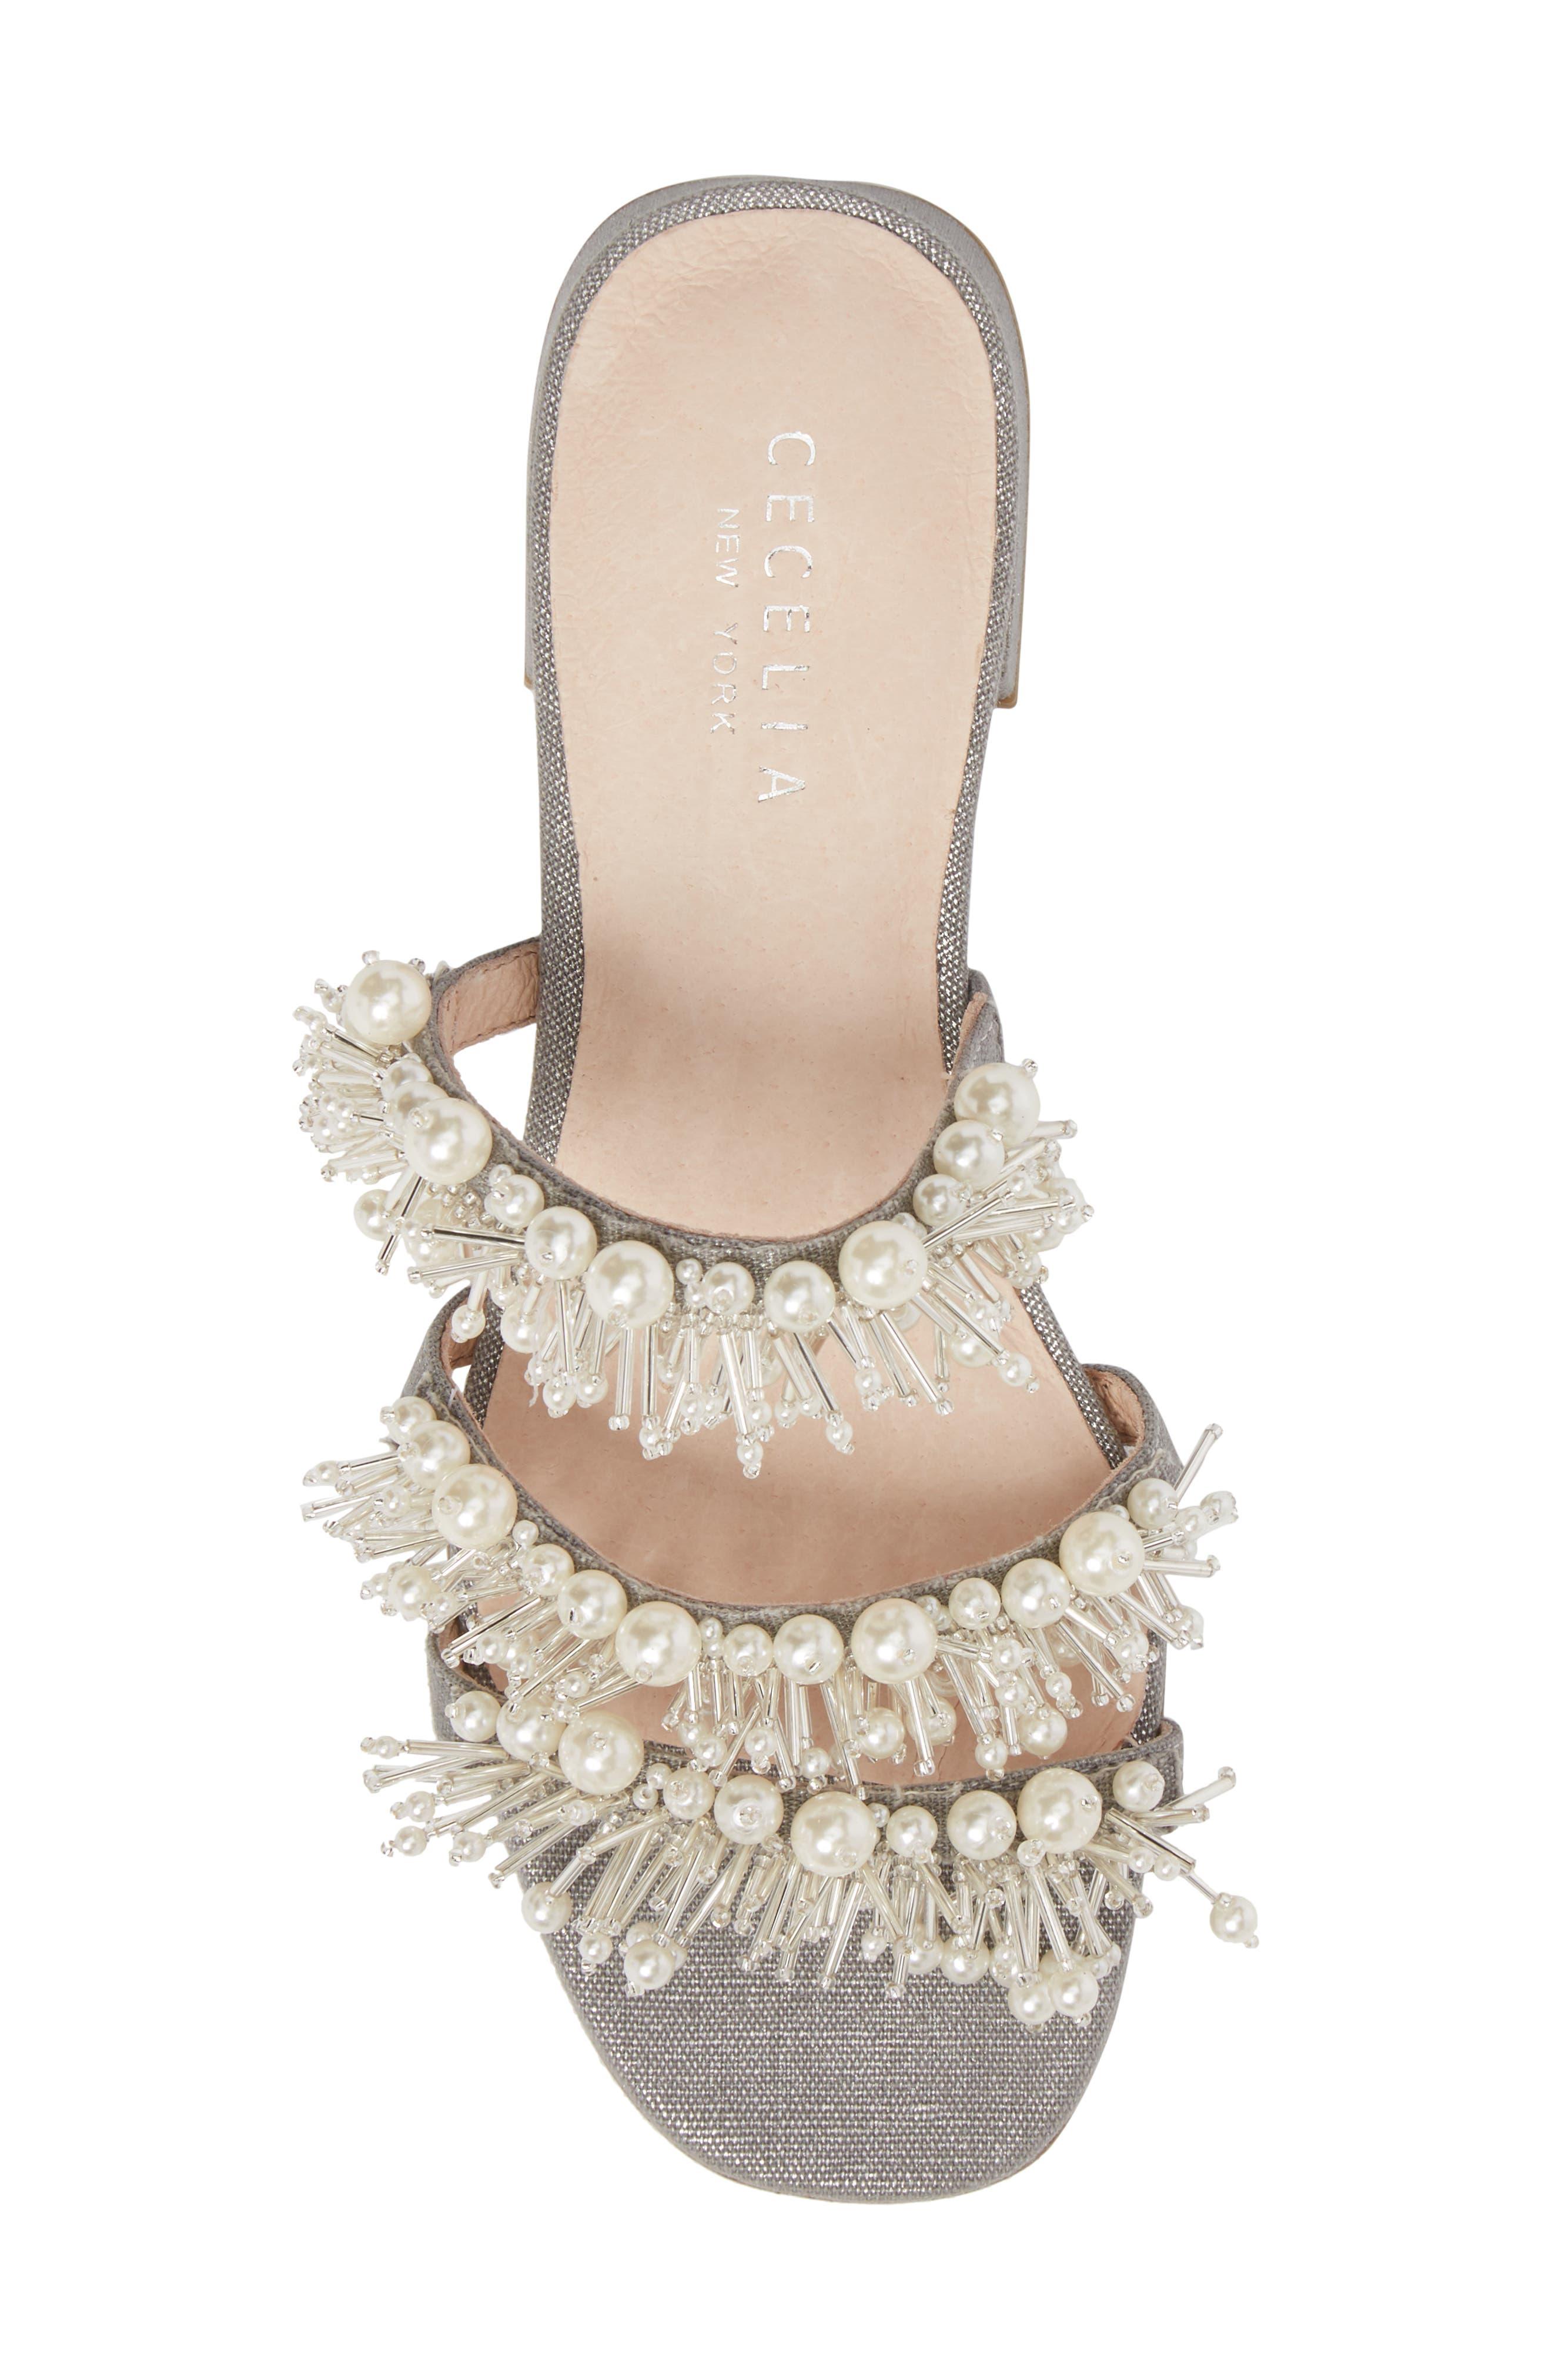 Fes Embellished Slide Sandal,                             Alternate thumbnail 5, color,                             Grey Fabric